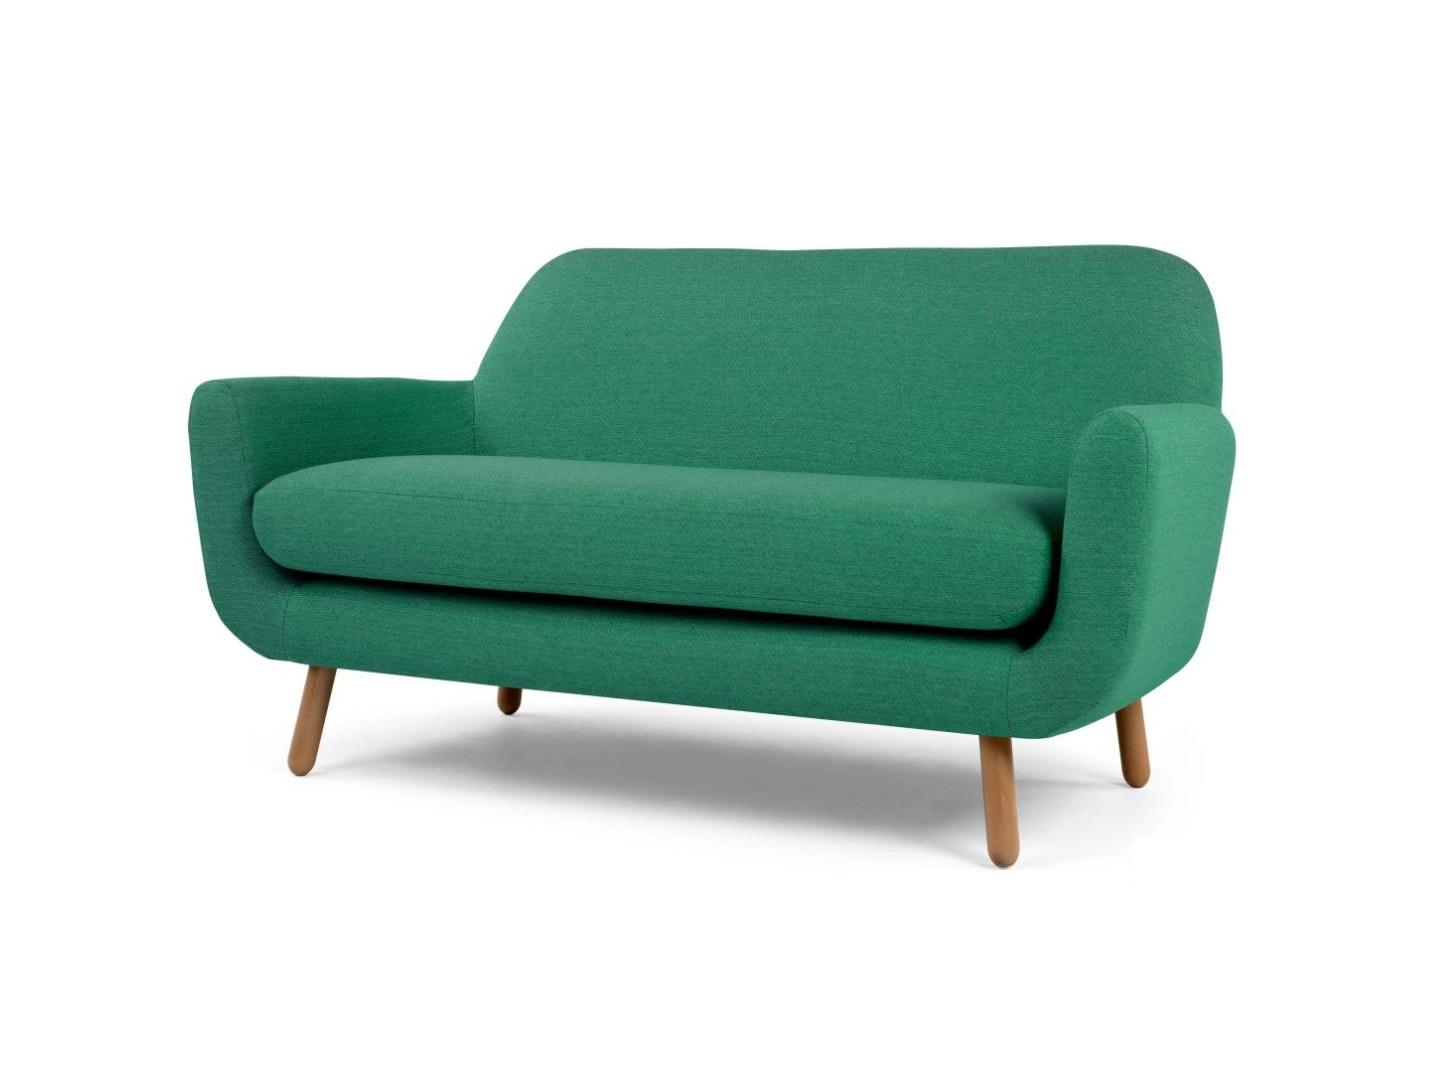 Диван CloverДвухместные диваны<br>&amp;lt;div&amp;gt;&amp;lt;div&amp;gt;Нам никогда не надоест сталкивать эпохи в дизайне. Современный стиль этого дивана с привкусом ретро не оставит вас равнодушным. Главным его&amp;amp;nbsp;&amp;lt;/div&amp;gt;&amp;lt;div&amp;gt;достоинством мы считаем необычайно удобную одинарную подушку. Нет, серьезно! В ней можно раствориться.&amp;lt;br&amp;gt;&amp;lt;/div&amp;gt;&amp;lt;/div&amp;gt;&amp;lt;div&amp;gt;&amp;lt;br&amp;gt;&amp;lt;/div&amp;gt;Высота сидения 50 см&amp;lt;div&amp;gt;Ножки лакированы&amp;lt;/div&amp;gt;<br><br>Material: Текстиль<br>Ширина см: 162.0<br>Высота см: 82.0<br>Глубина см: 89.0